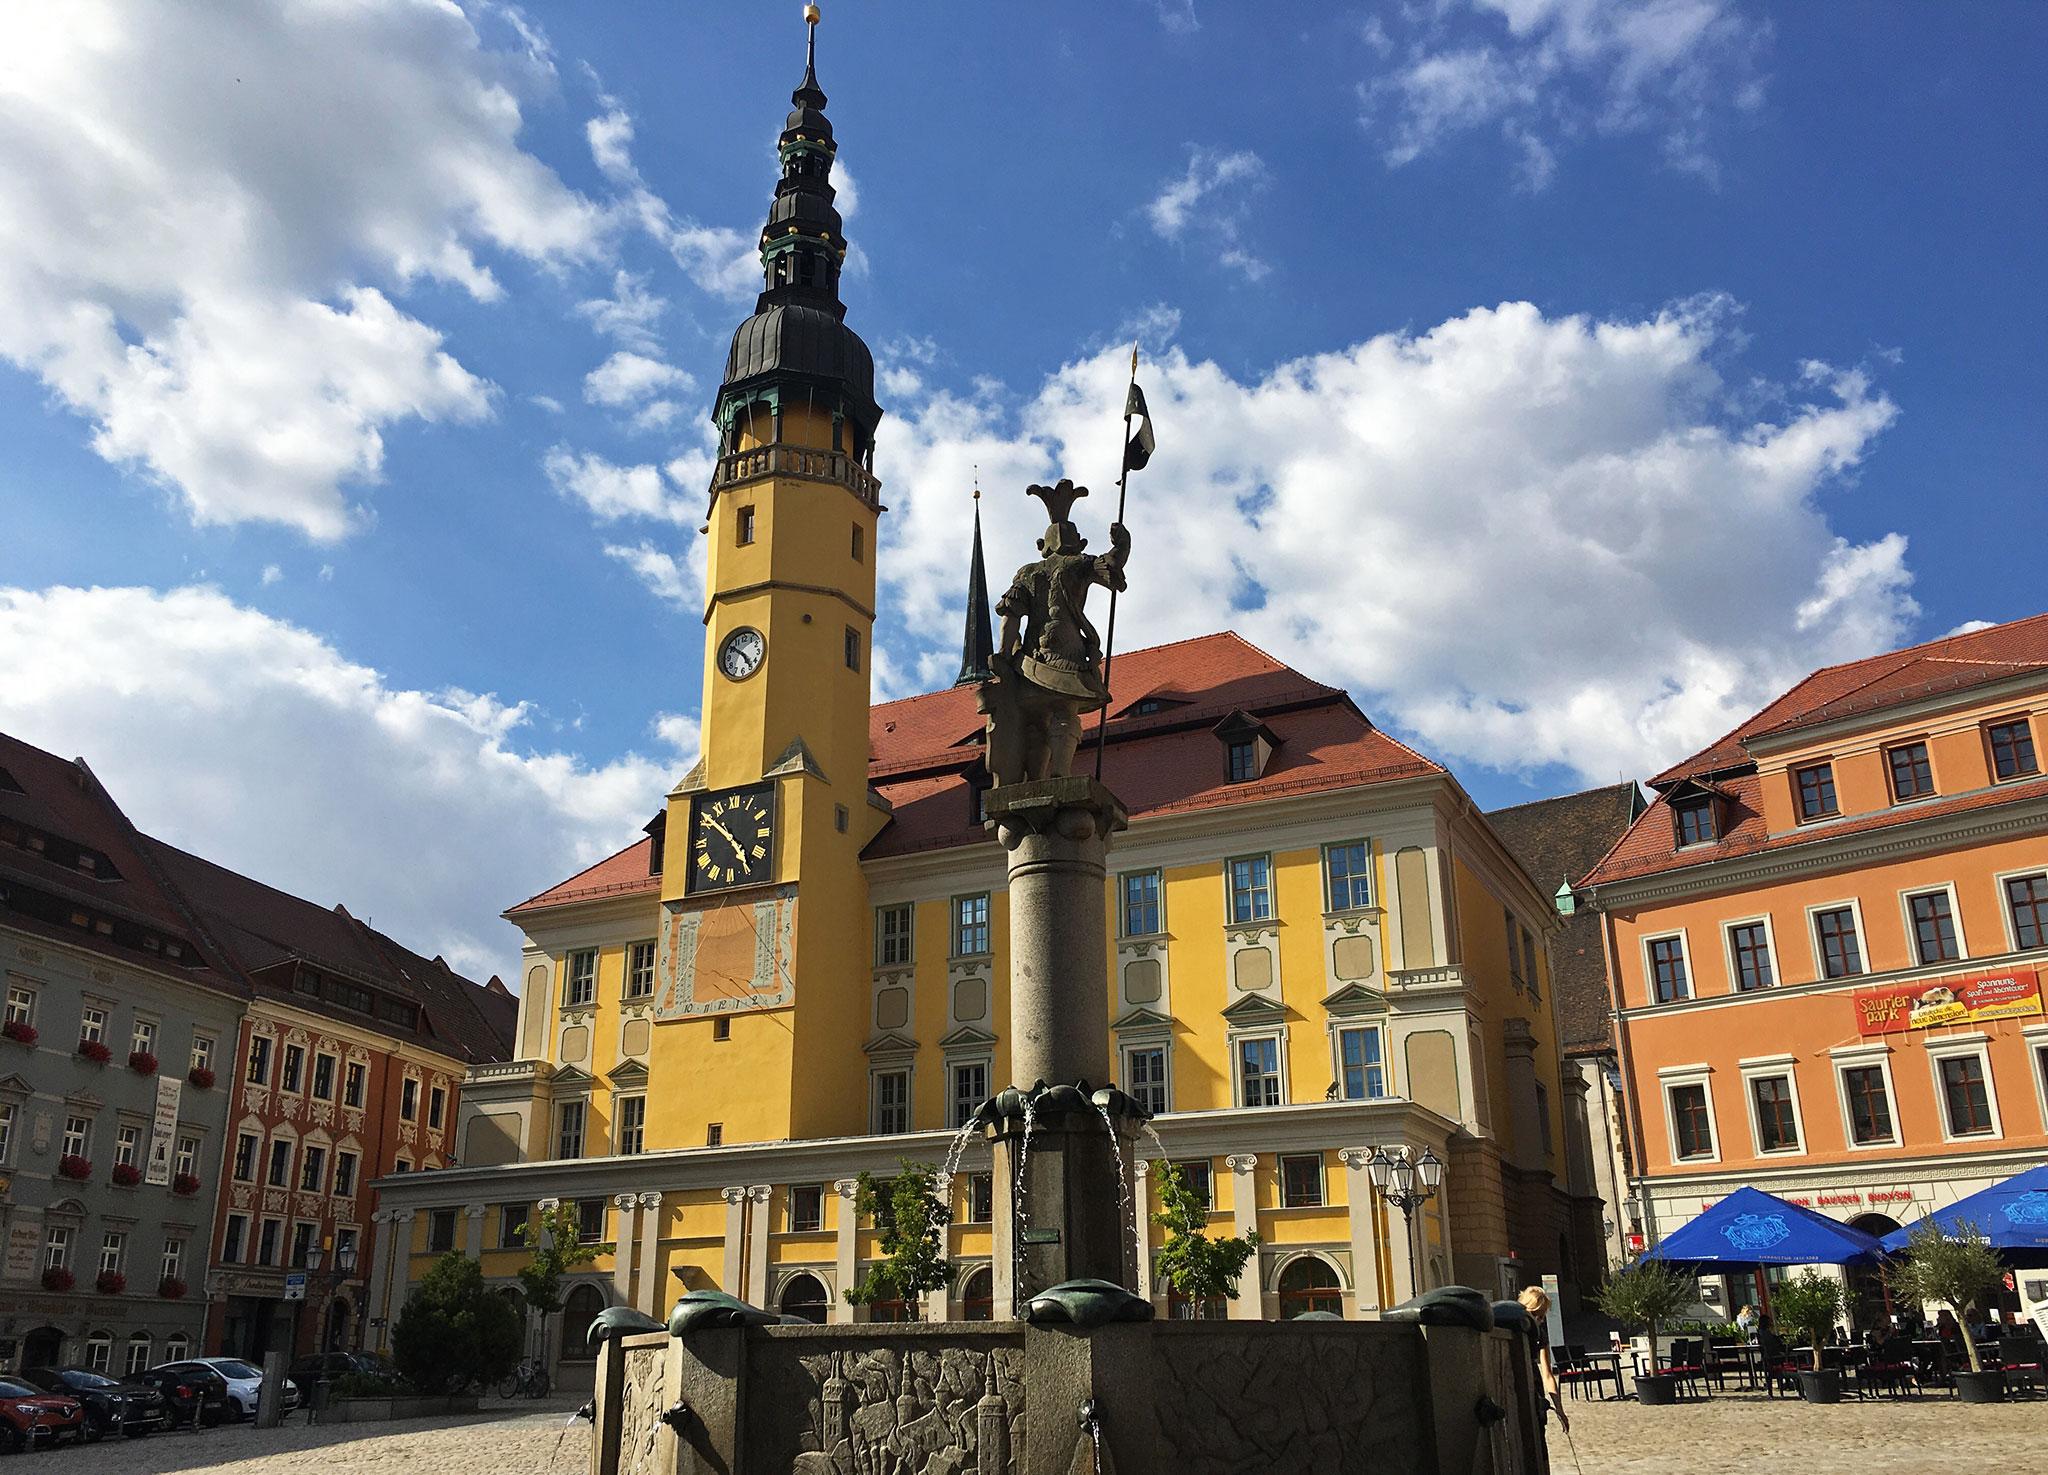 Coffe break at the Bautzen main square